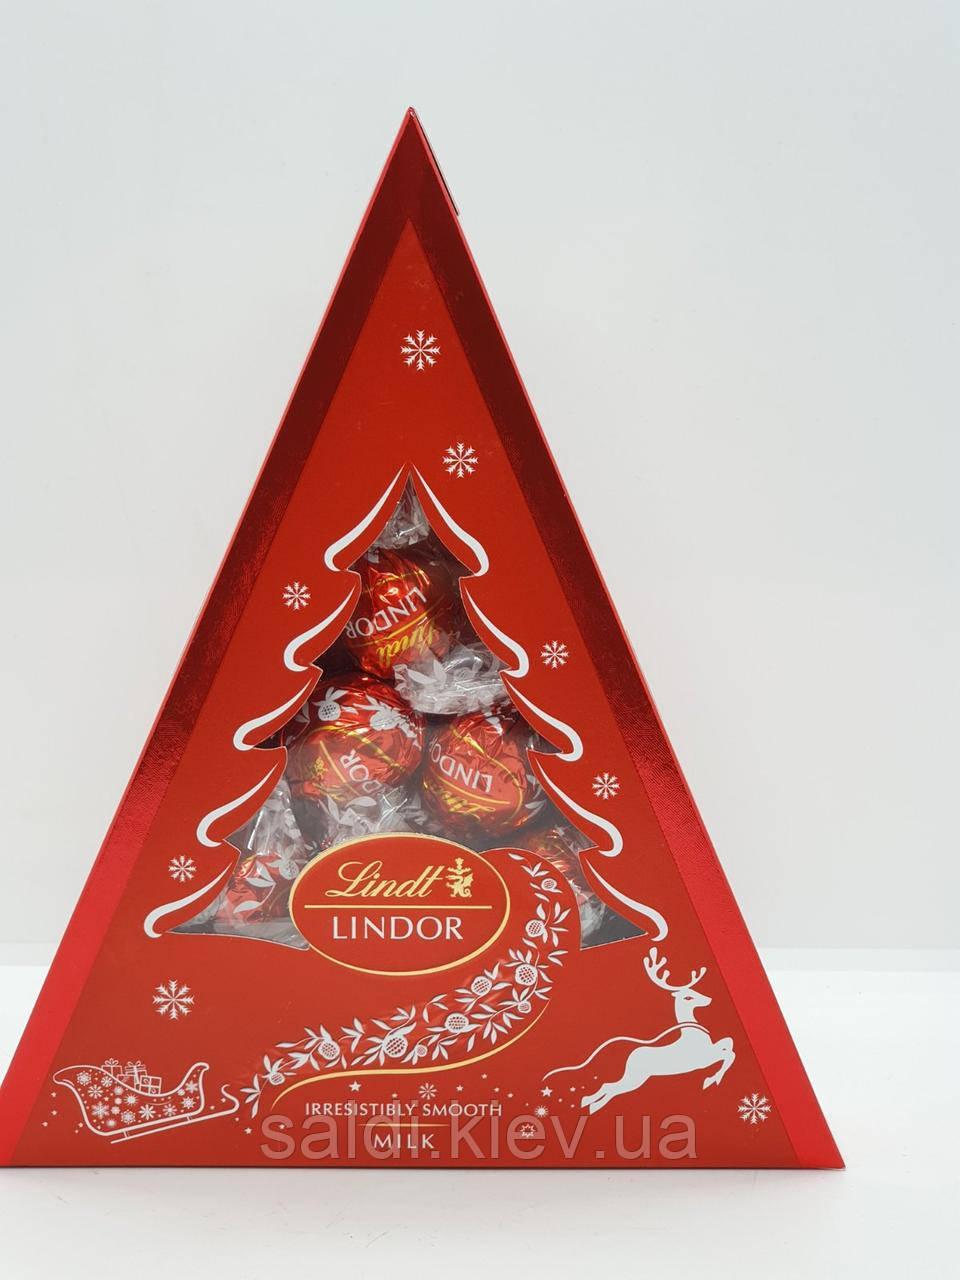 """Lindt Lindor шоколадные конфеты """"Cornet Milk"""" 125g"""